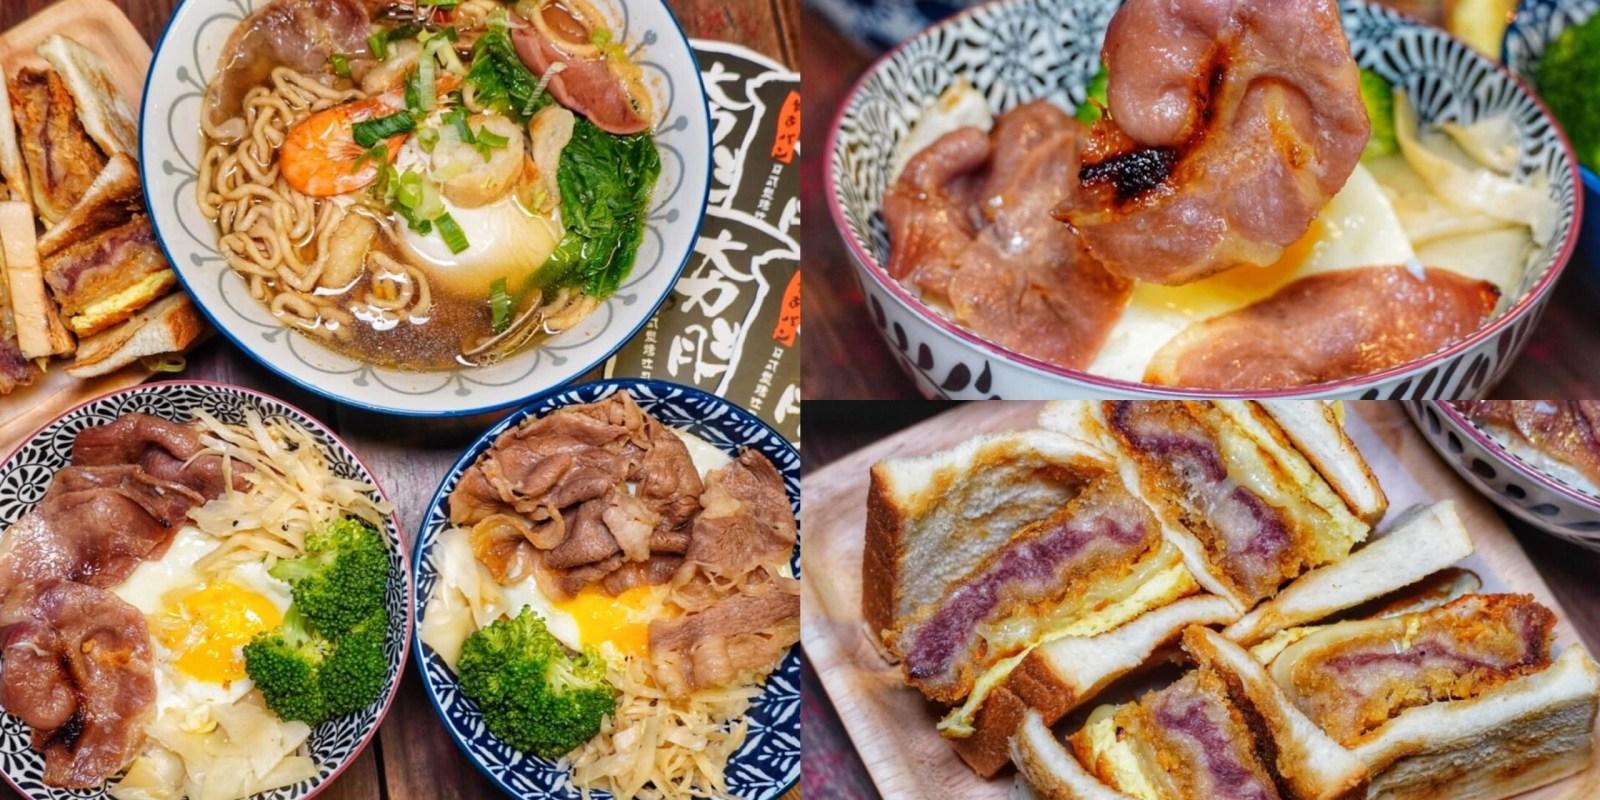 【台南美食】夯胖日式炭烤吐司 營業到兩點罪惡宵夜 鍋燒意麵與隱藏版丼飯